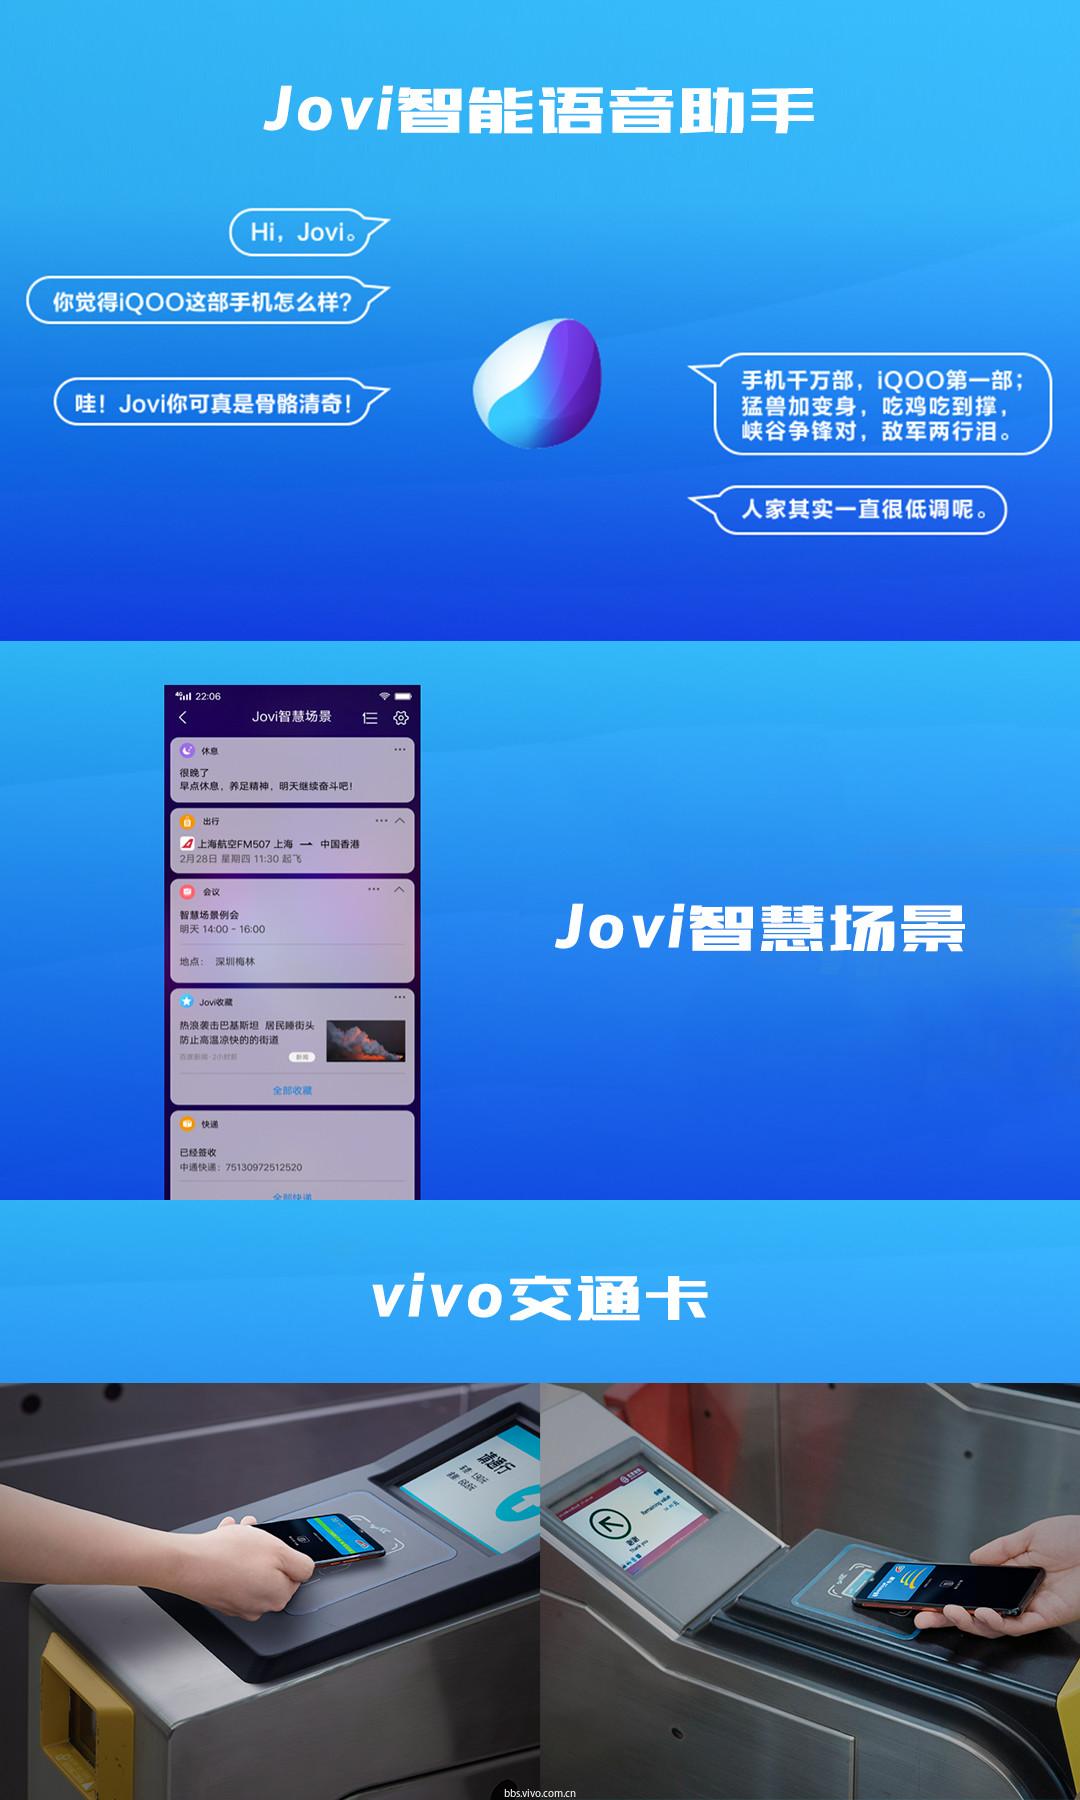 13 jovi智能语音助手 智能场景 交通卡.jpg